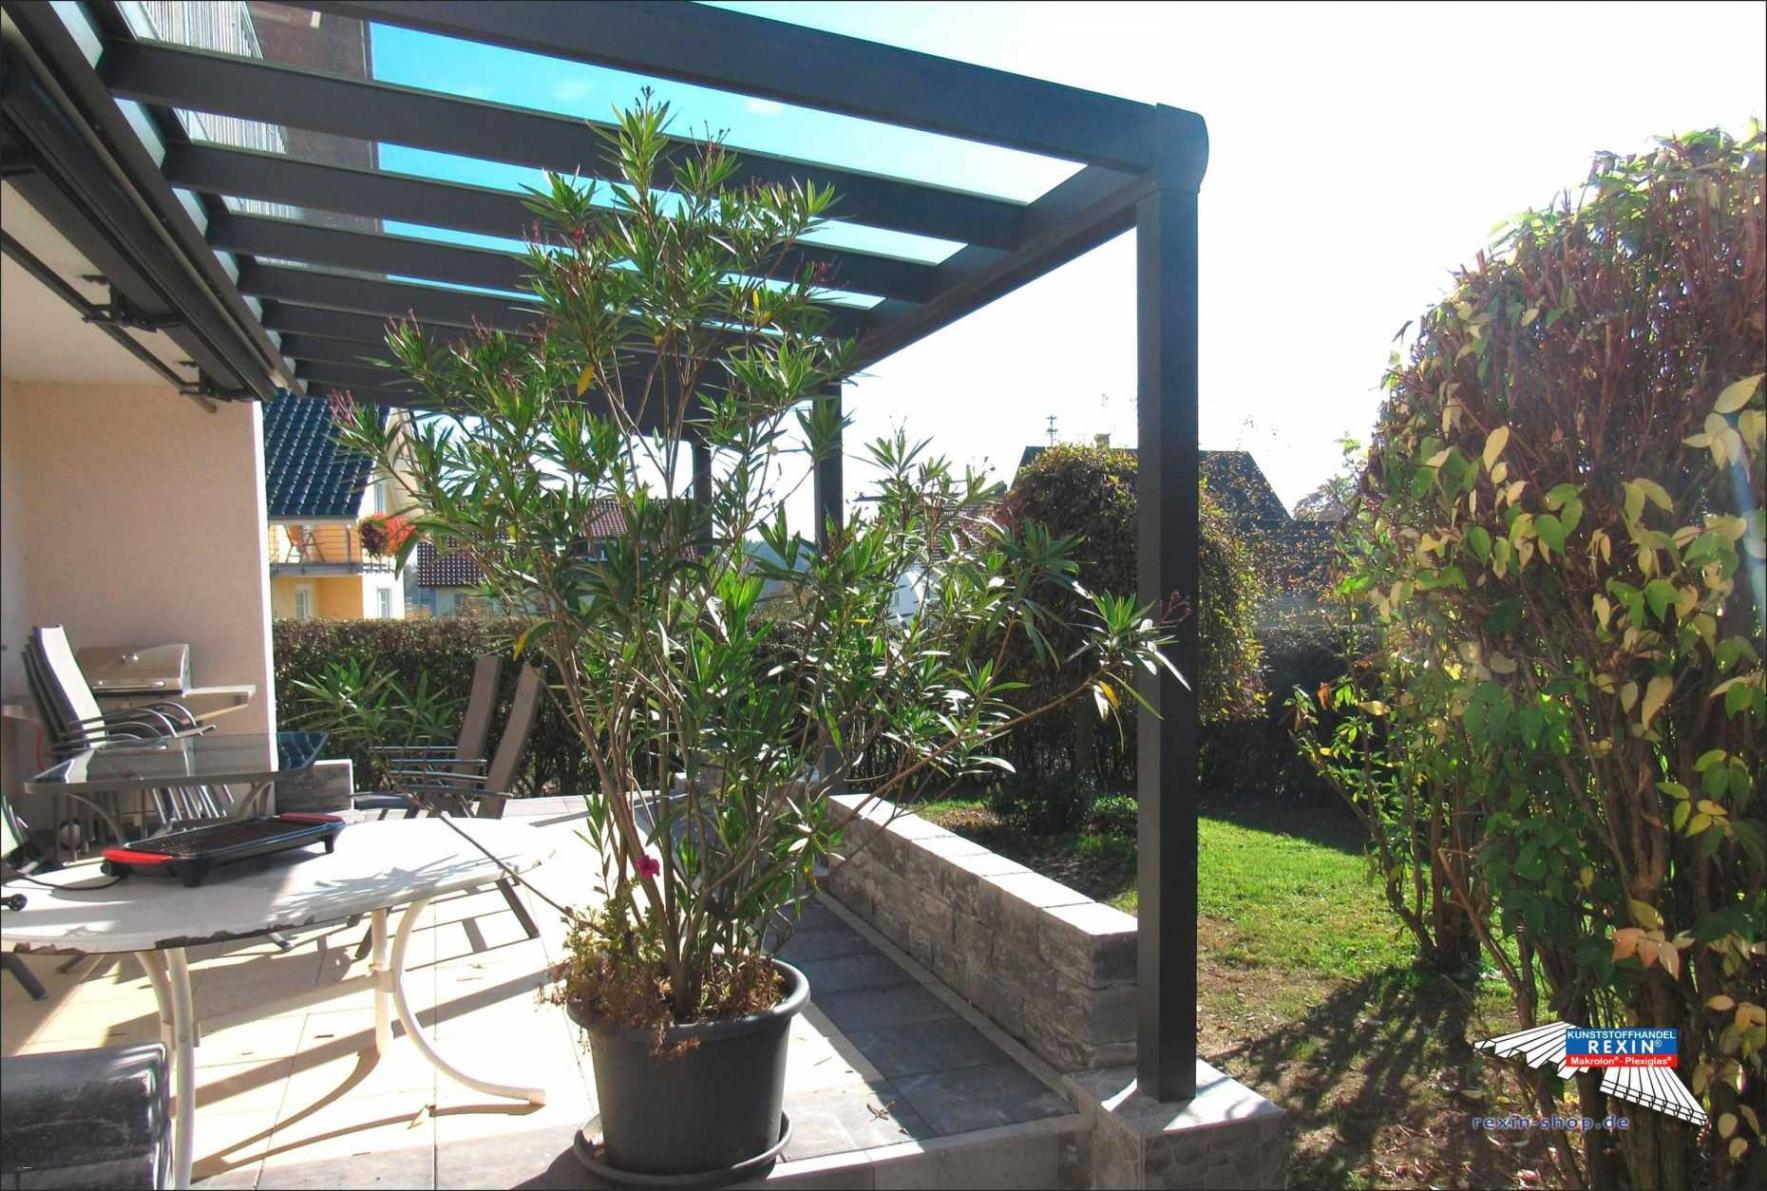 grillplatz garten ideen neu garten idee deko und garten elegant deko grillplatz im garten grillplatz im garten